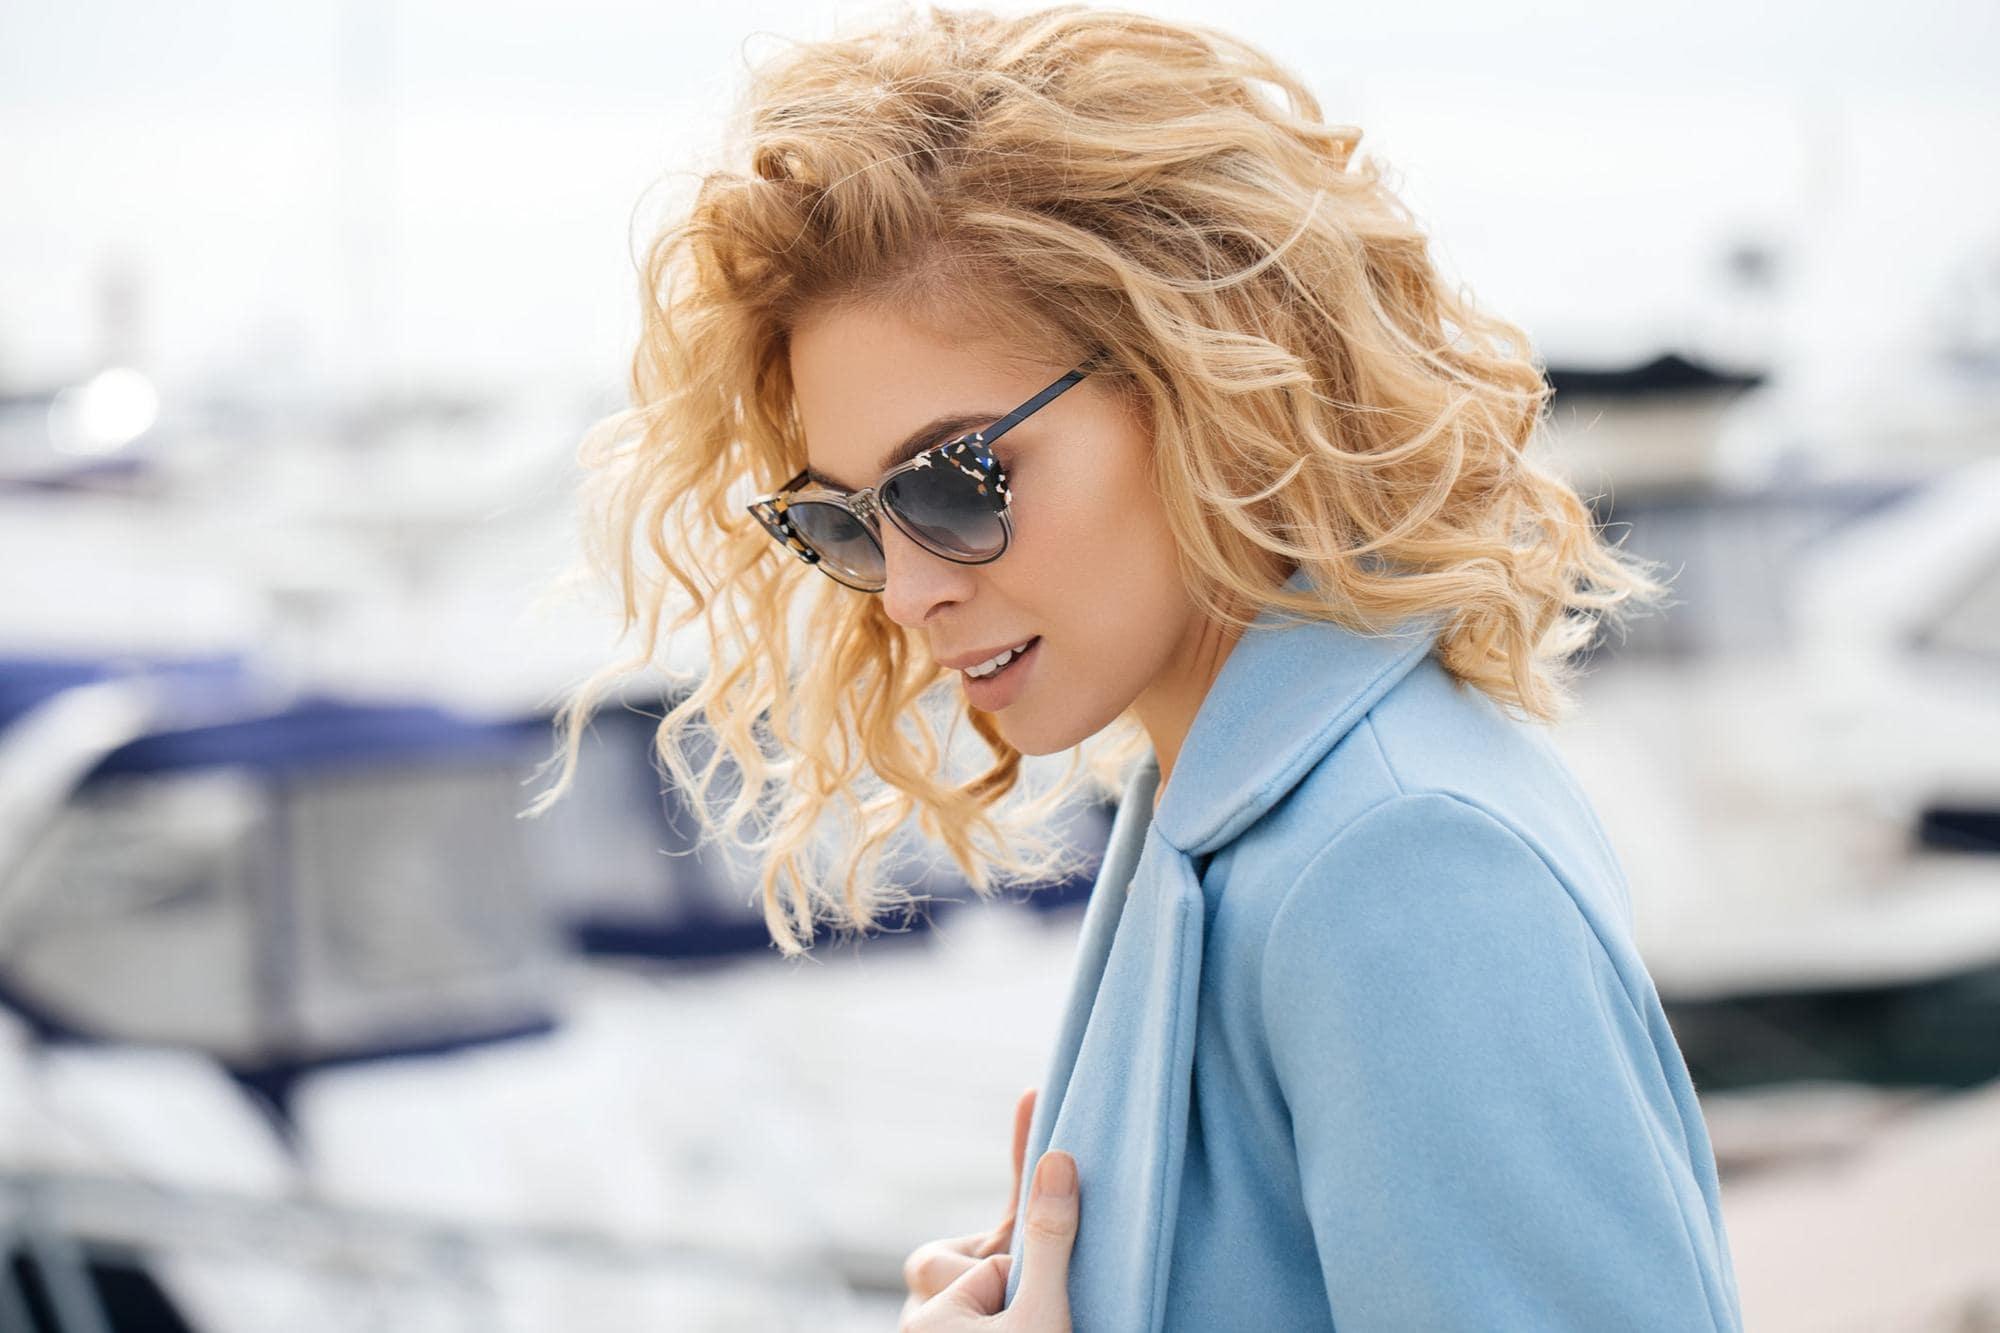 Create Vintage Curls Styles-Get The Hollywood Look! 4